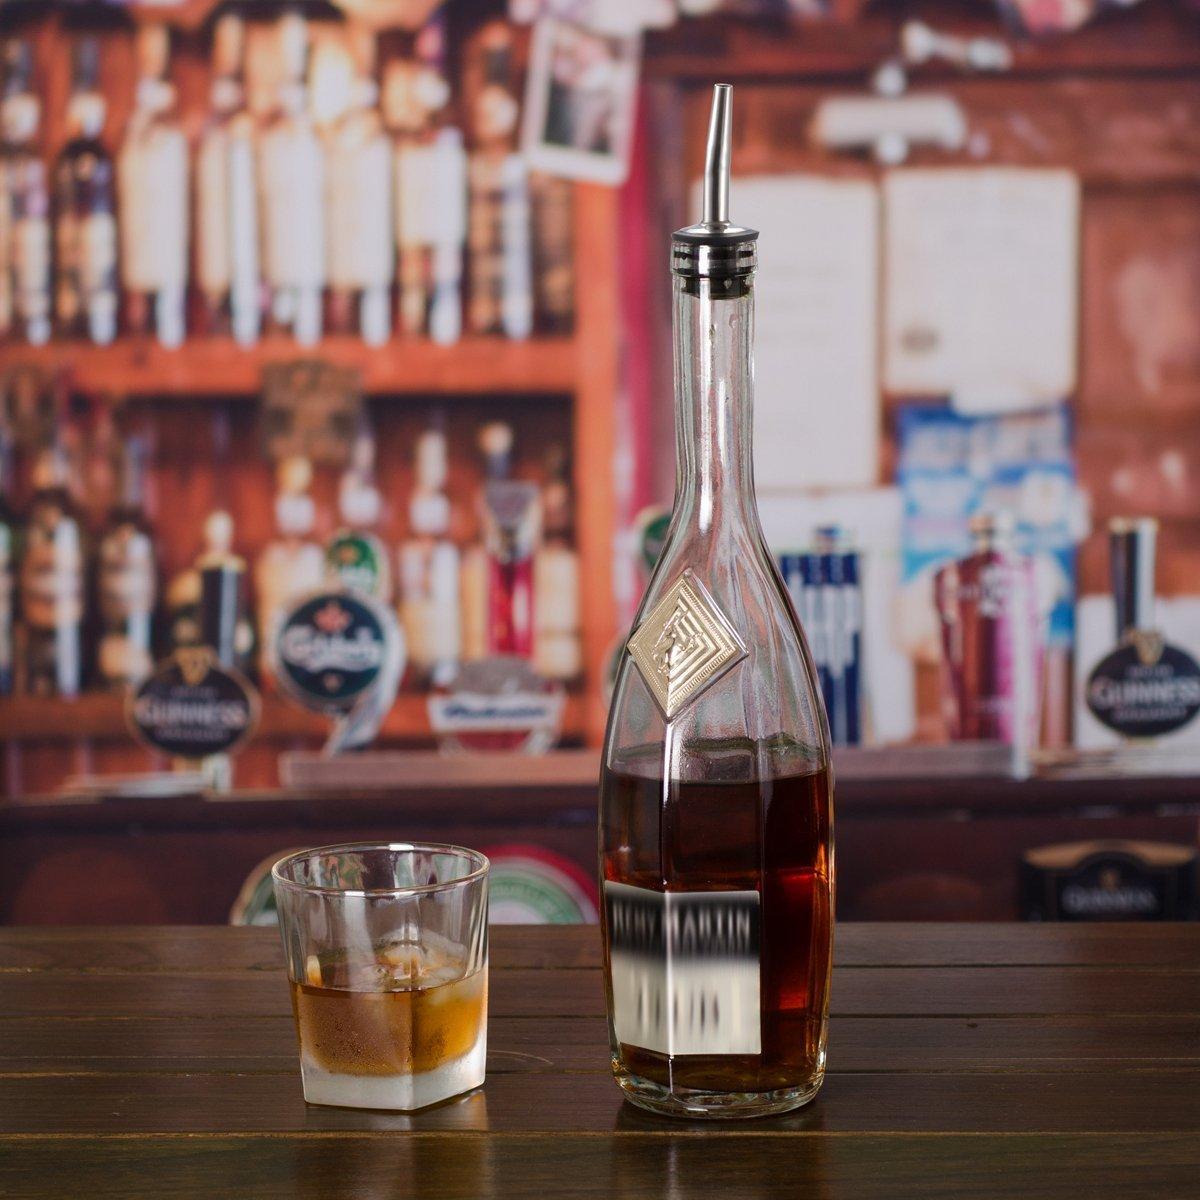 versatori di velocit/à beccuccio Conico per Bottiglia di Olio MINGZE 7 Pezzi Acciaio Inossidabile Tappi per Bottiglie di Vino Versatori con Tappi Antipolvere in Gomma beccuccio per liquore